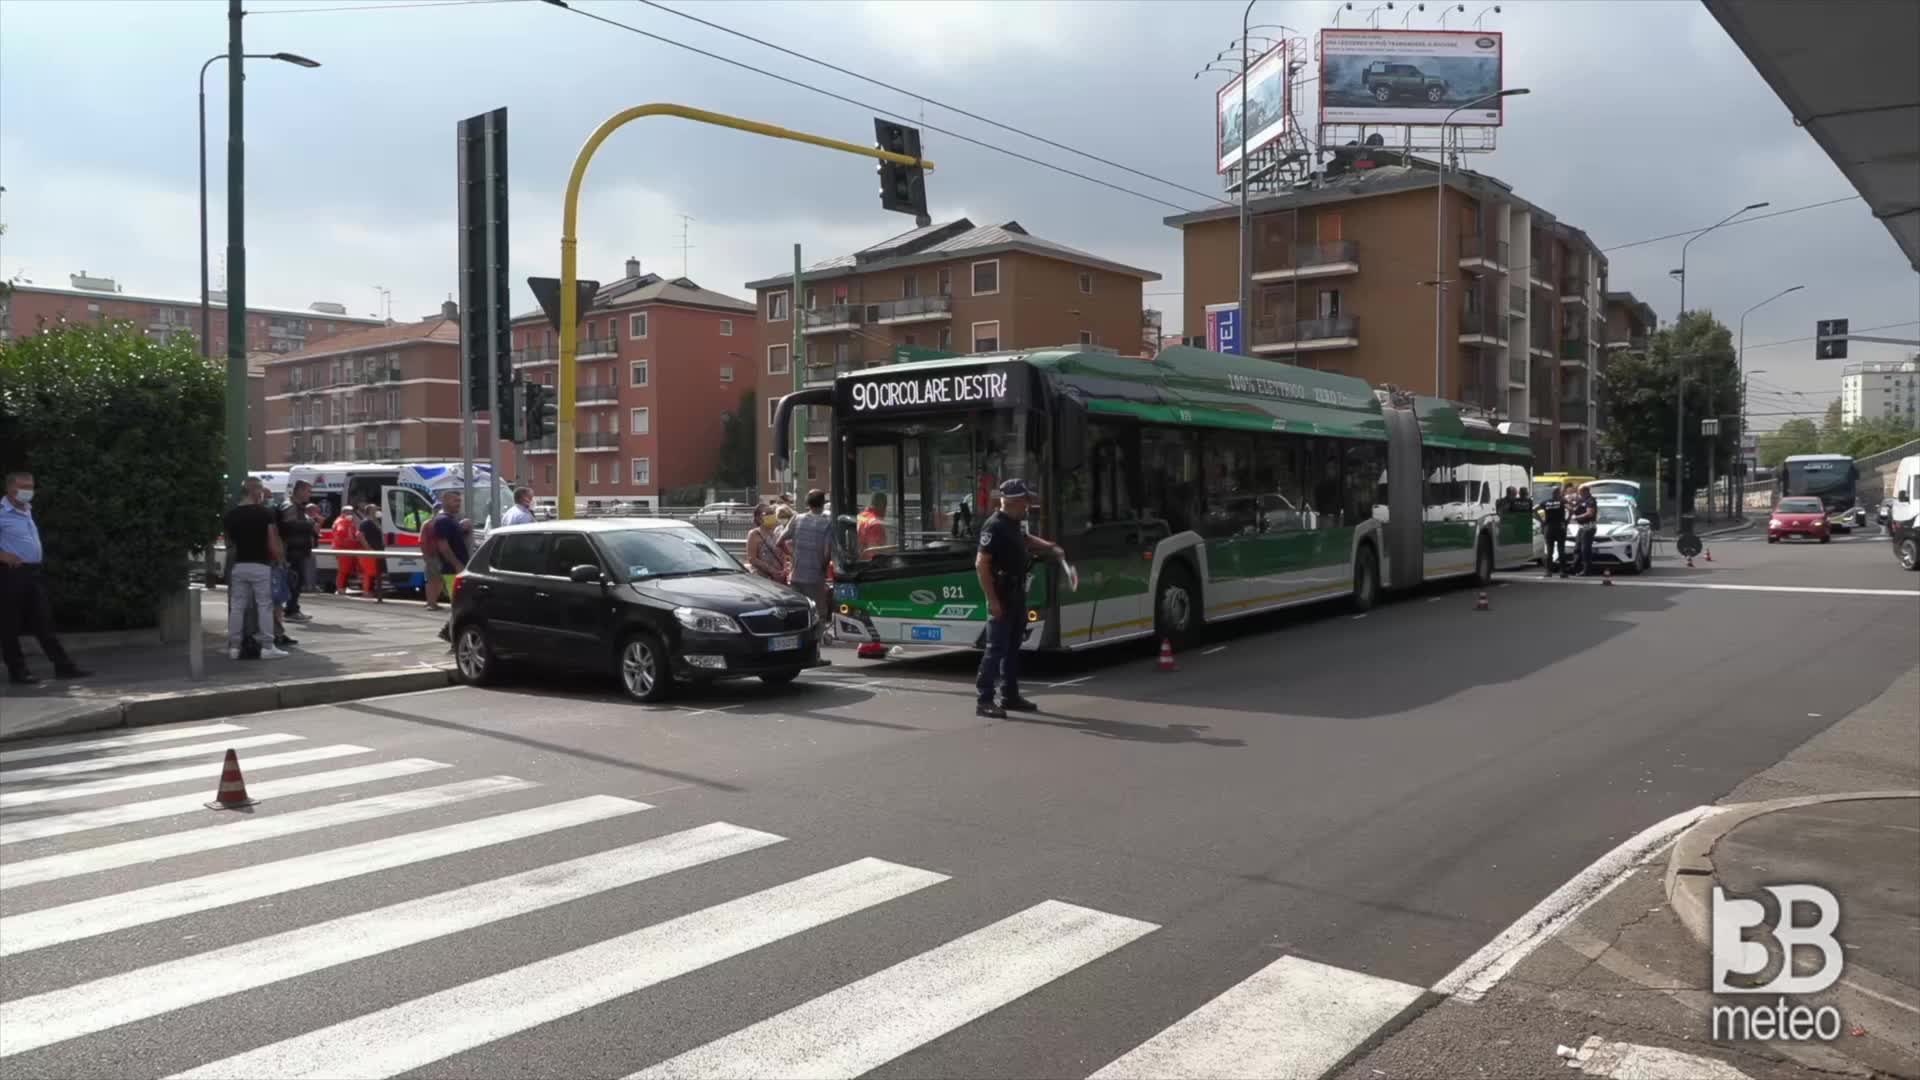 Milano, incidente bus-auto: diversi passeggeri soccorsi